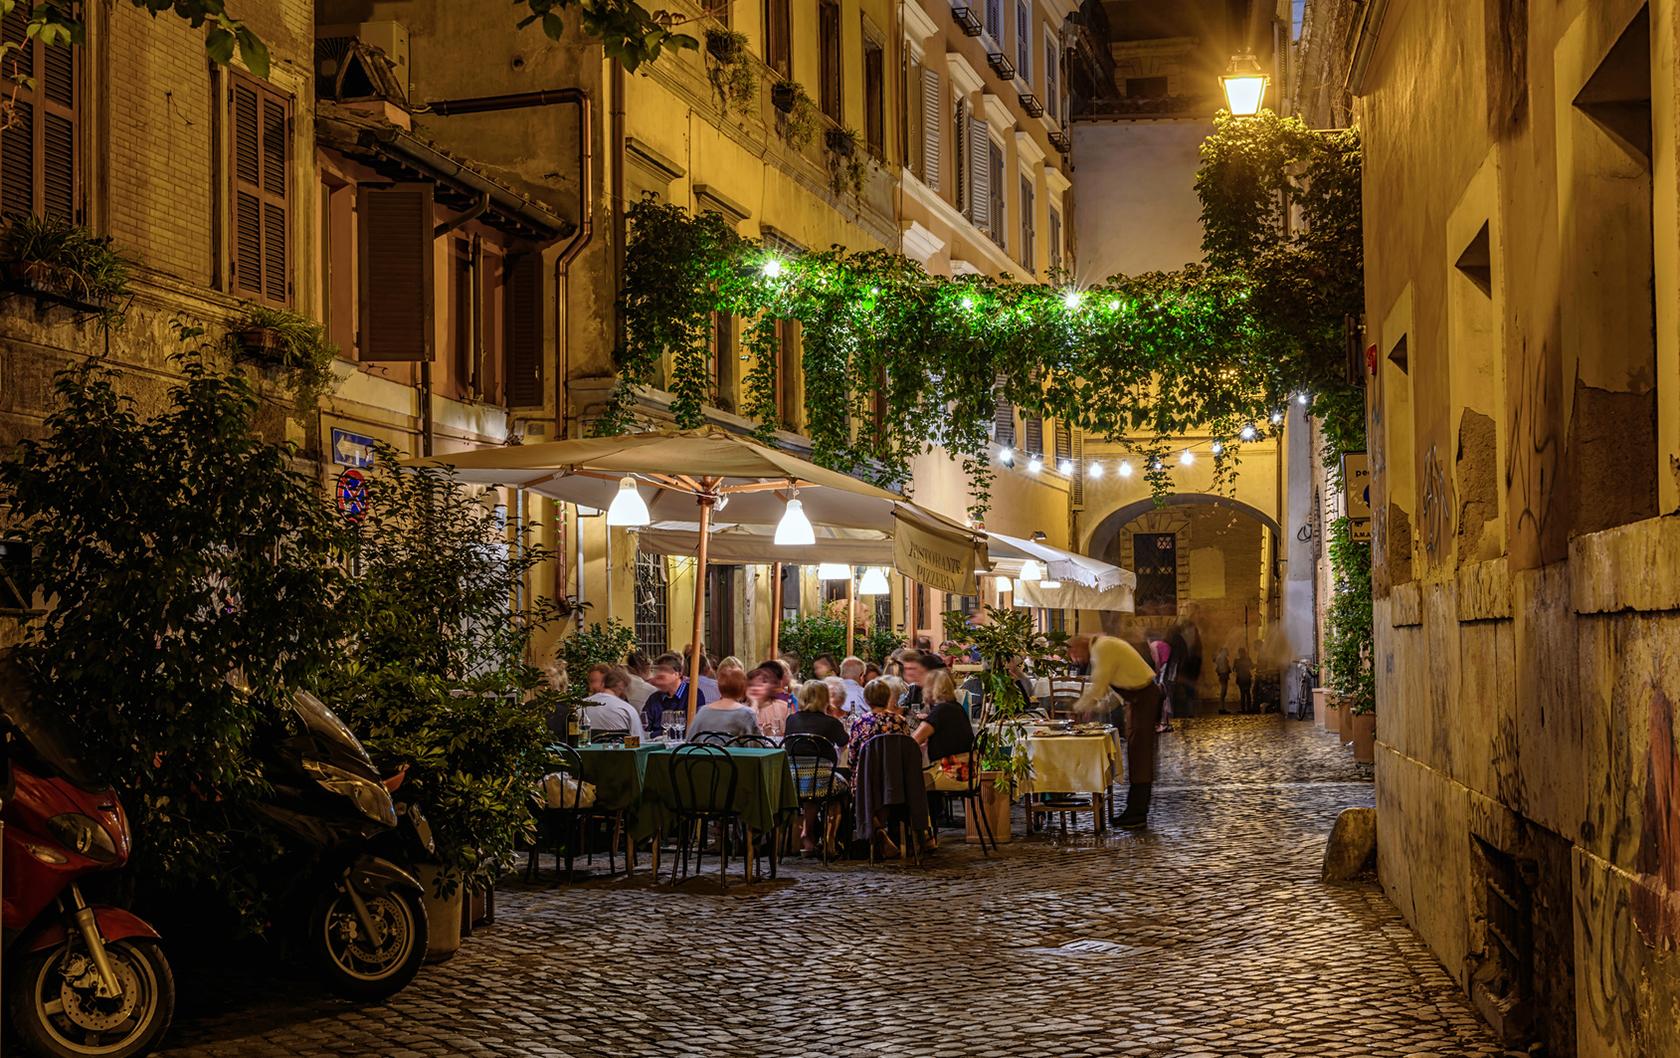 Outdoor restaurant at night in Trastevere